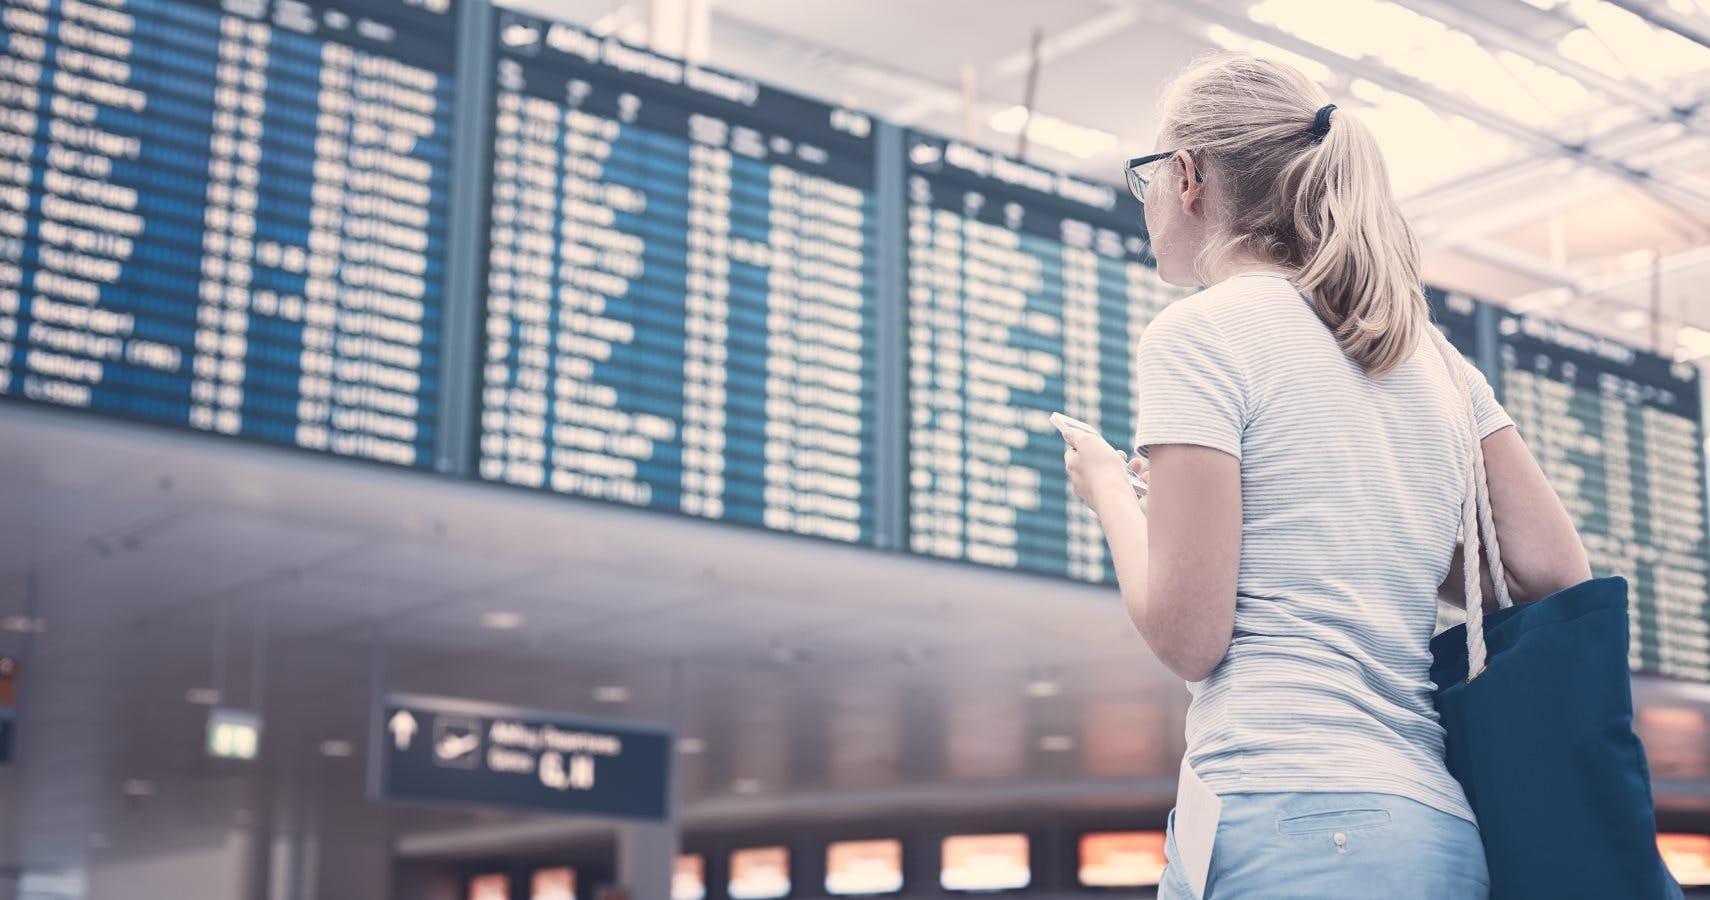 Задержка чартерного рейса права пассажира